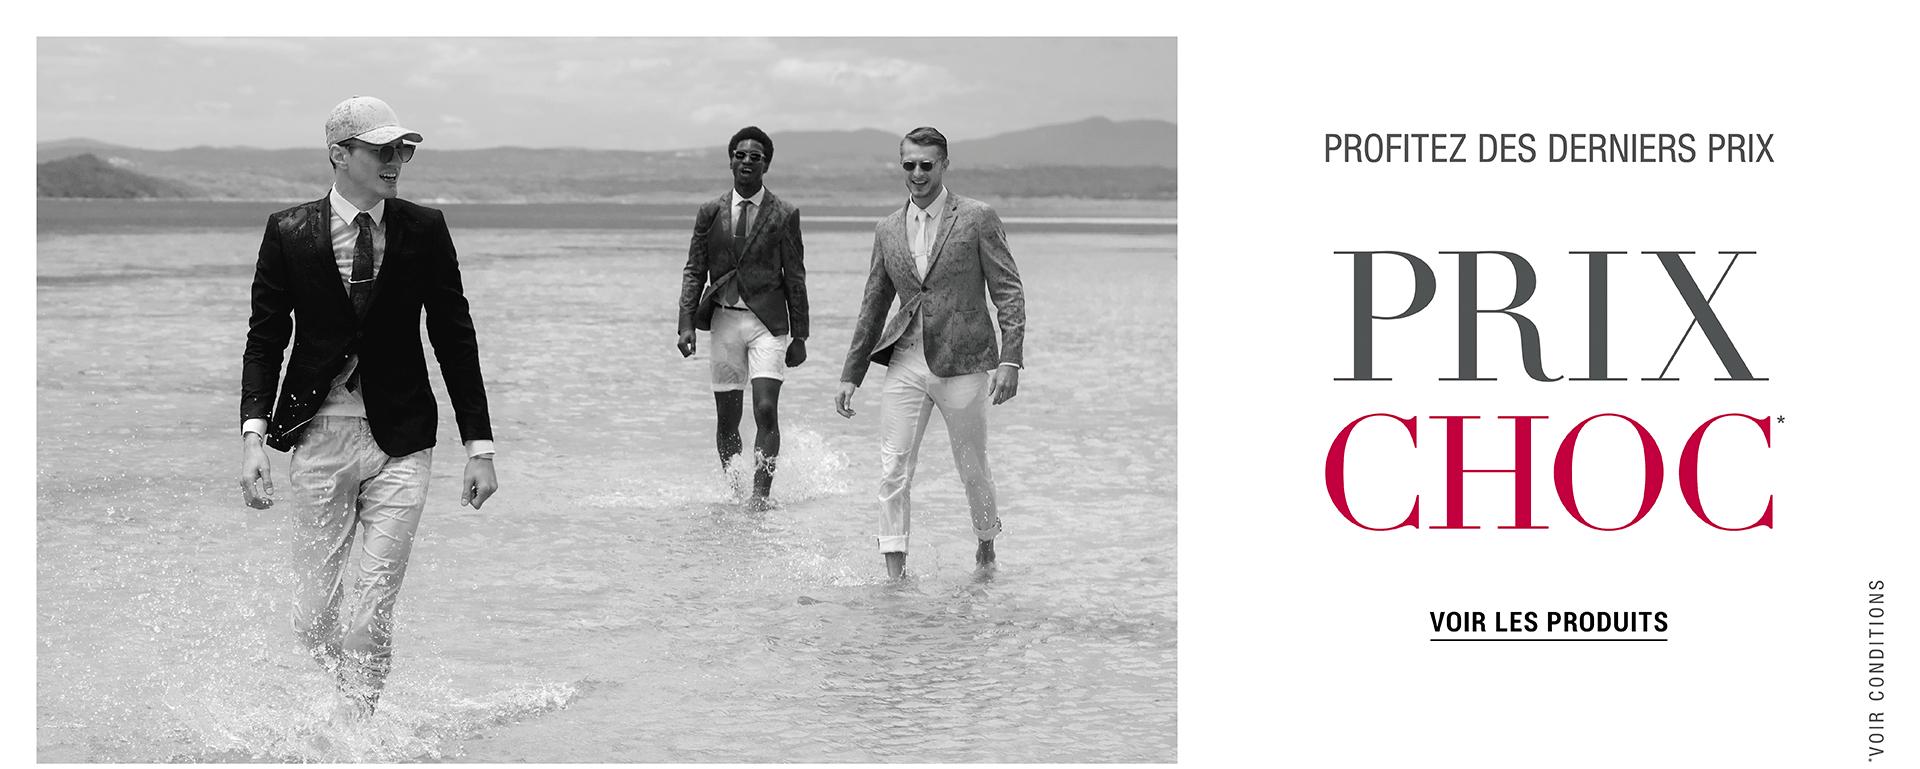 Troc 3000 Frejus Luxe Image Devred 1902 – Vªtements Homme Et Accessoires De Mode Masculine